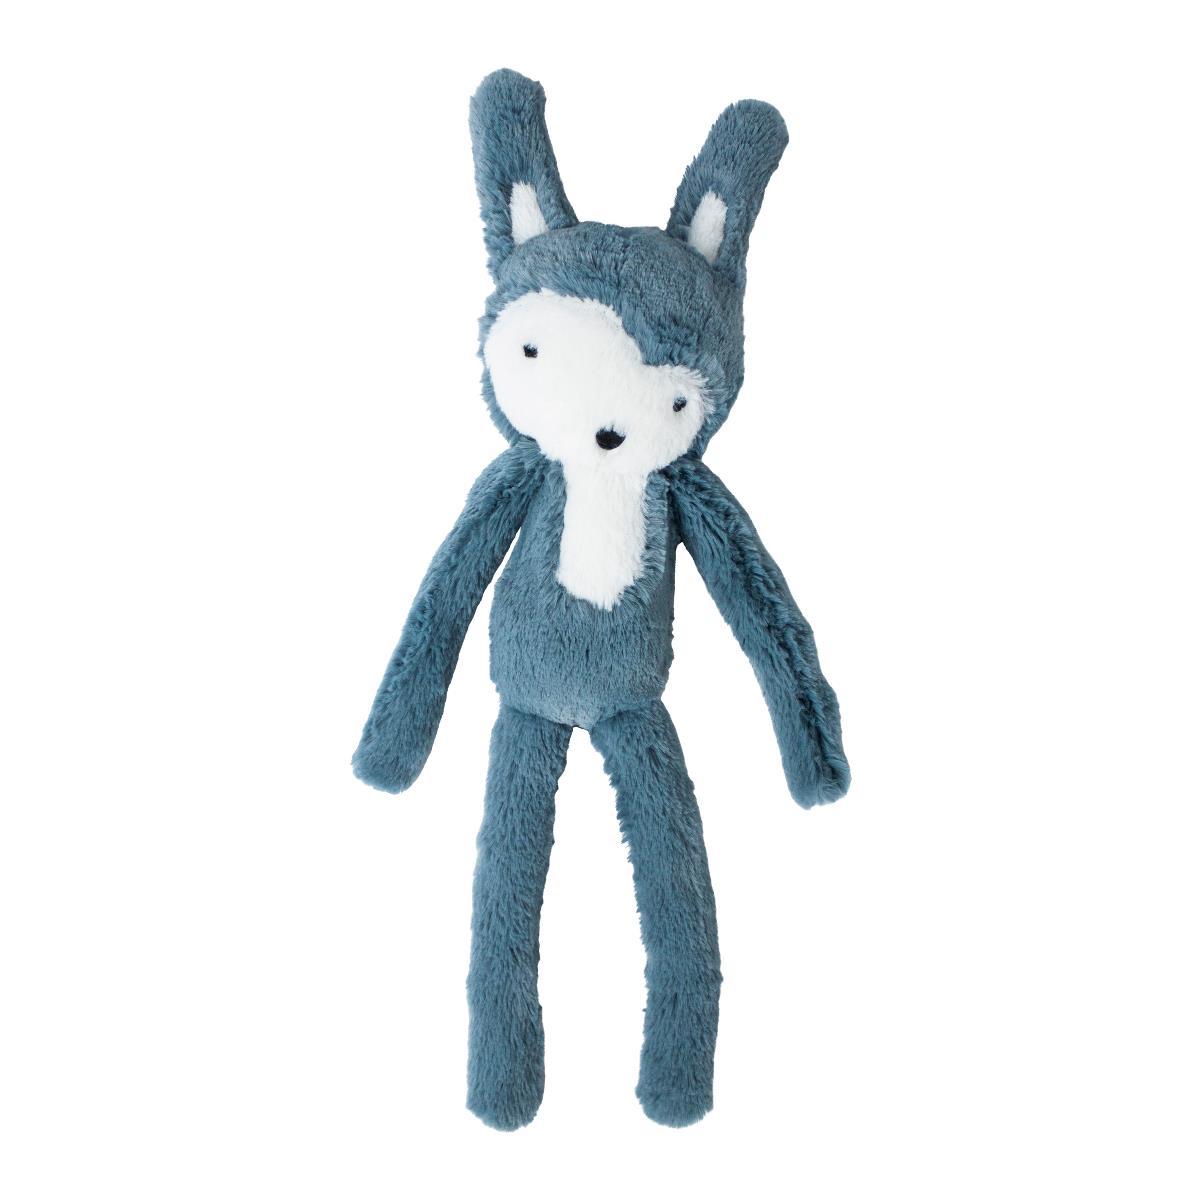 sebra Plüschtier, Kaninchen, wolkenblau 3001107 - 02